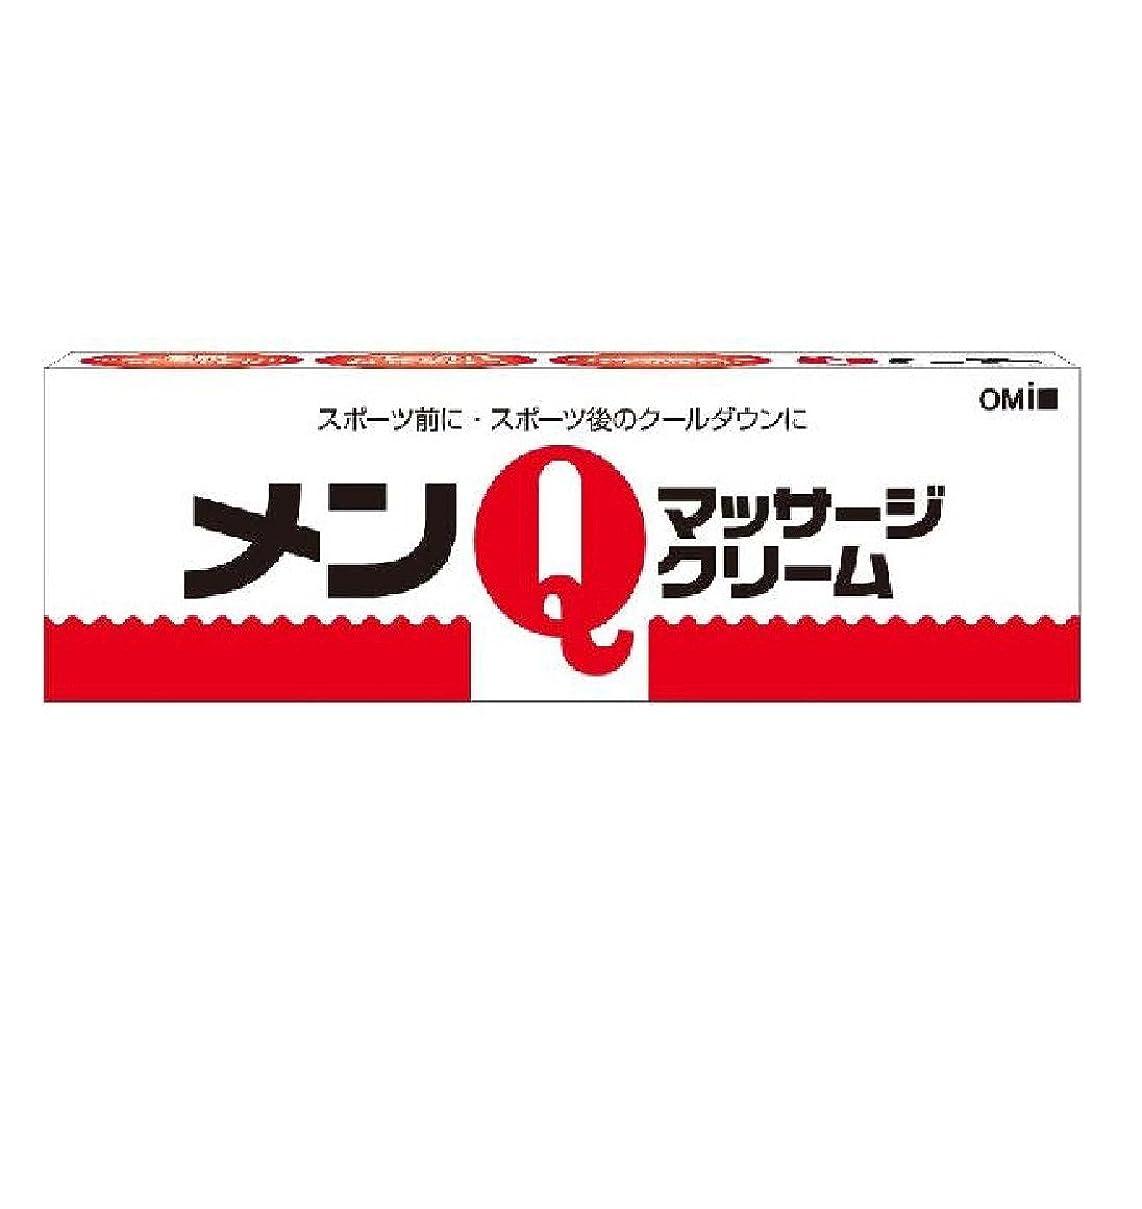 散らす入場揺れる近江兄弟社 メンQマッサージクリーム 65g